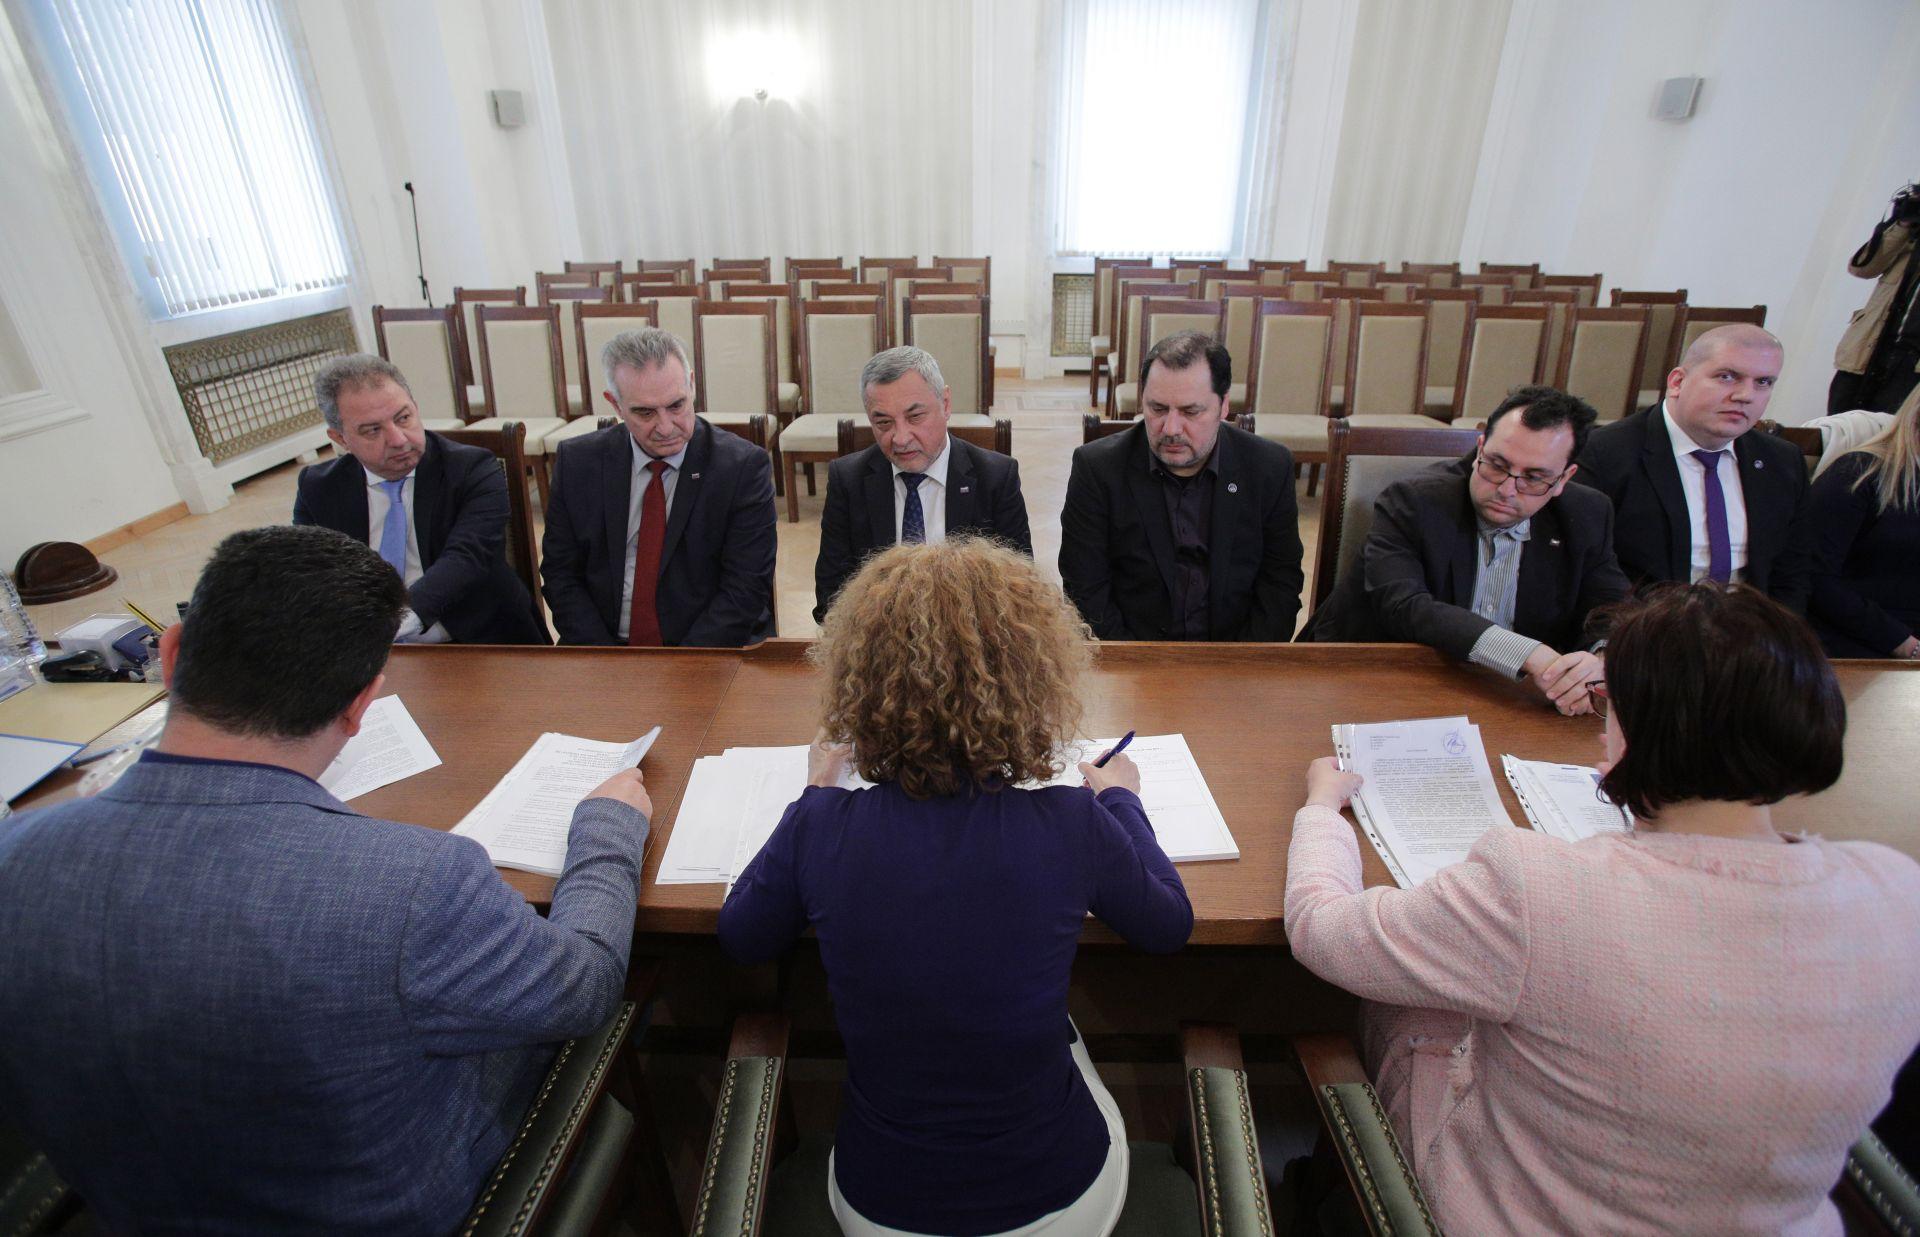 """Лидерът на НФСБ Валери Симеонов, който е водач на листата на коалиция """"Патриоти за Валери Симеонов"""" внесе в ЦИК документите за регистрация за предстоящите избори за членове на Европейския парламент"""